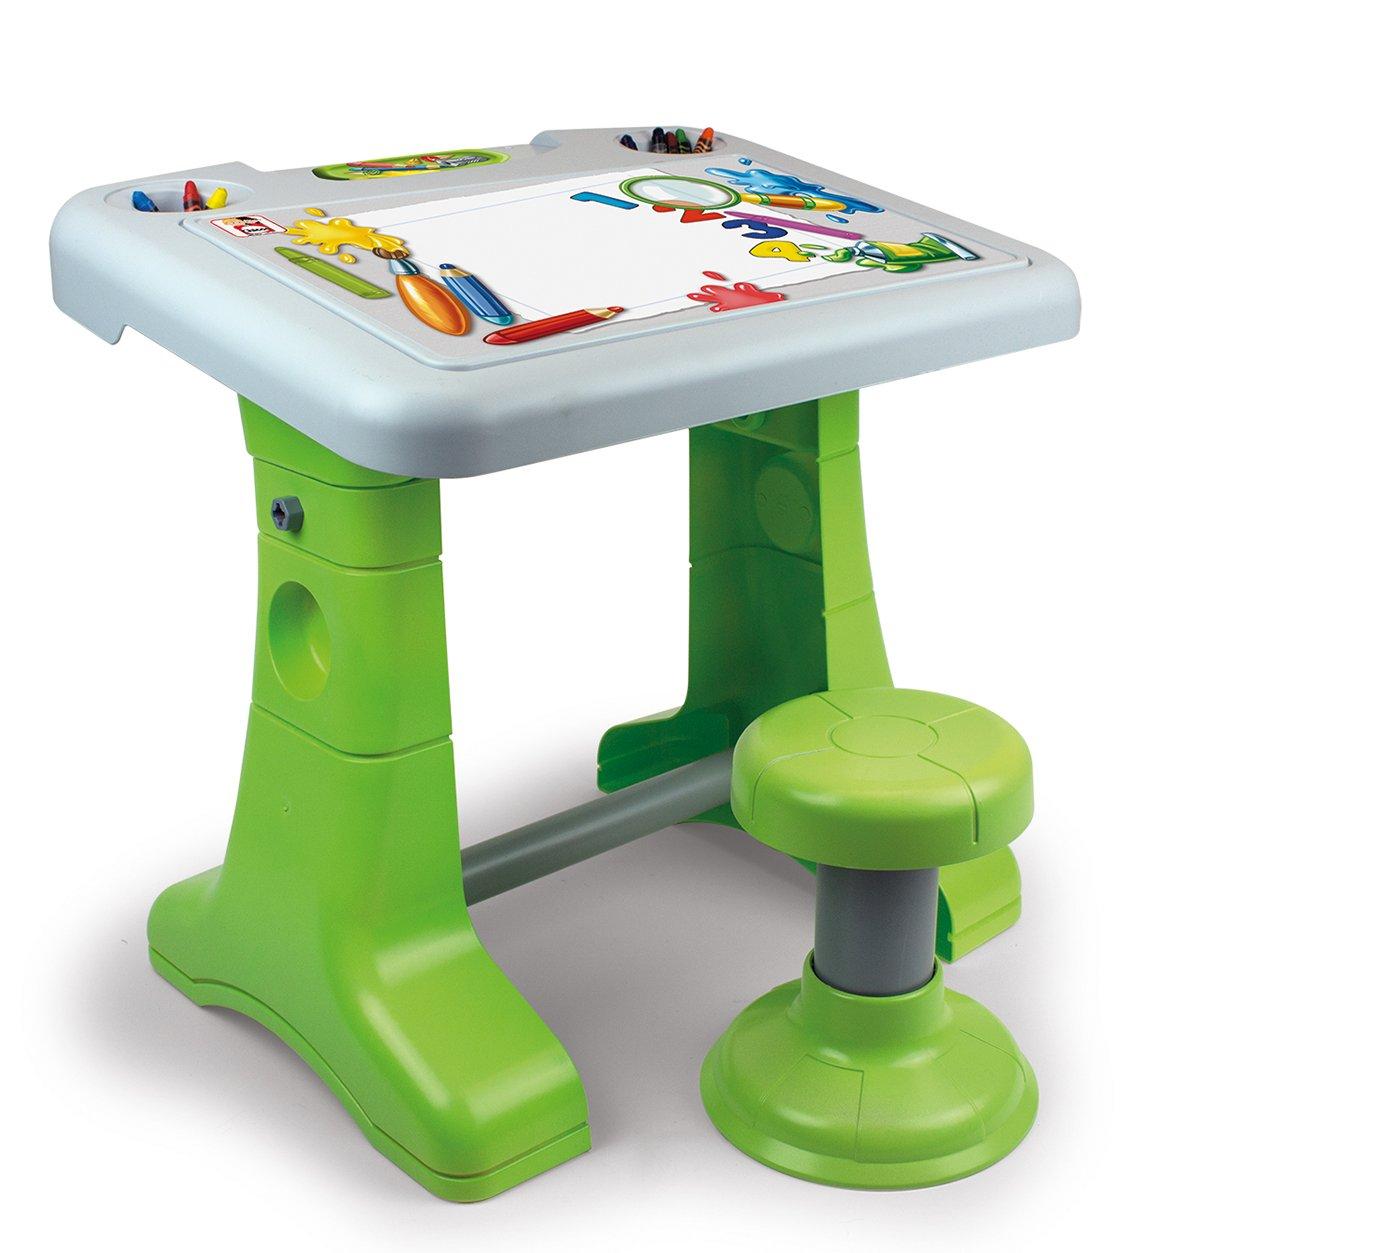 Chicos-My Small Desk, Desk (51107.0)